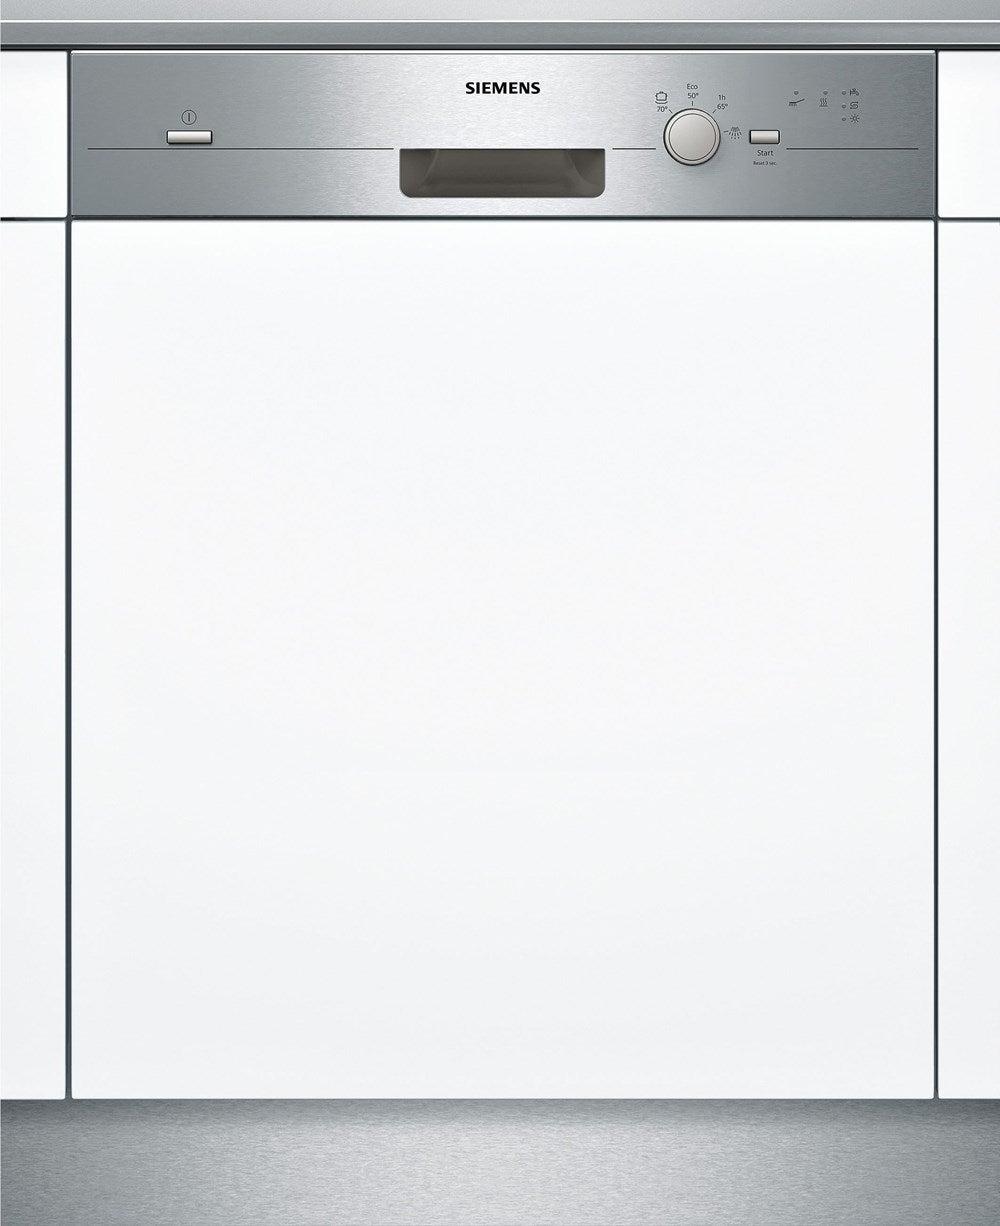 Siemens SN514S00AE Dishwasher